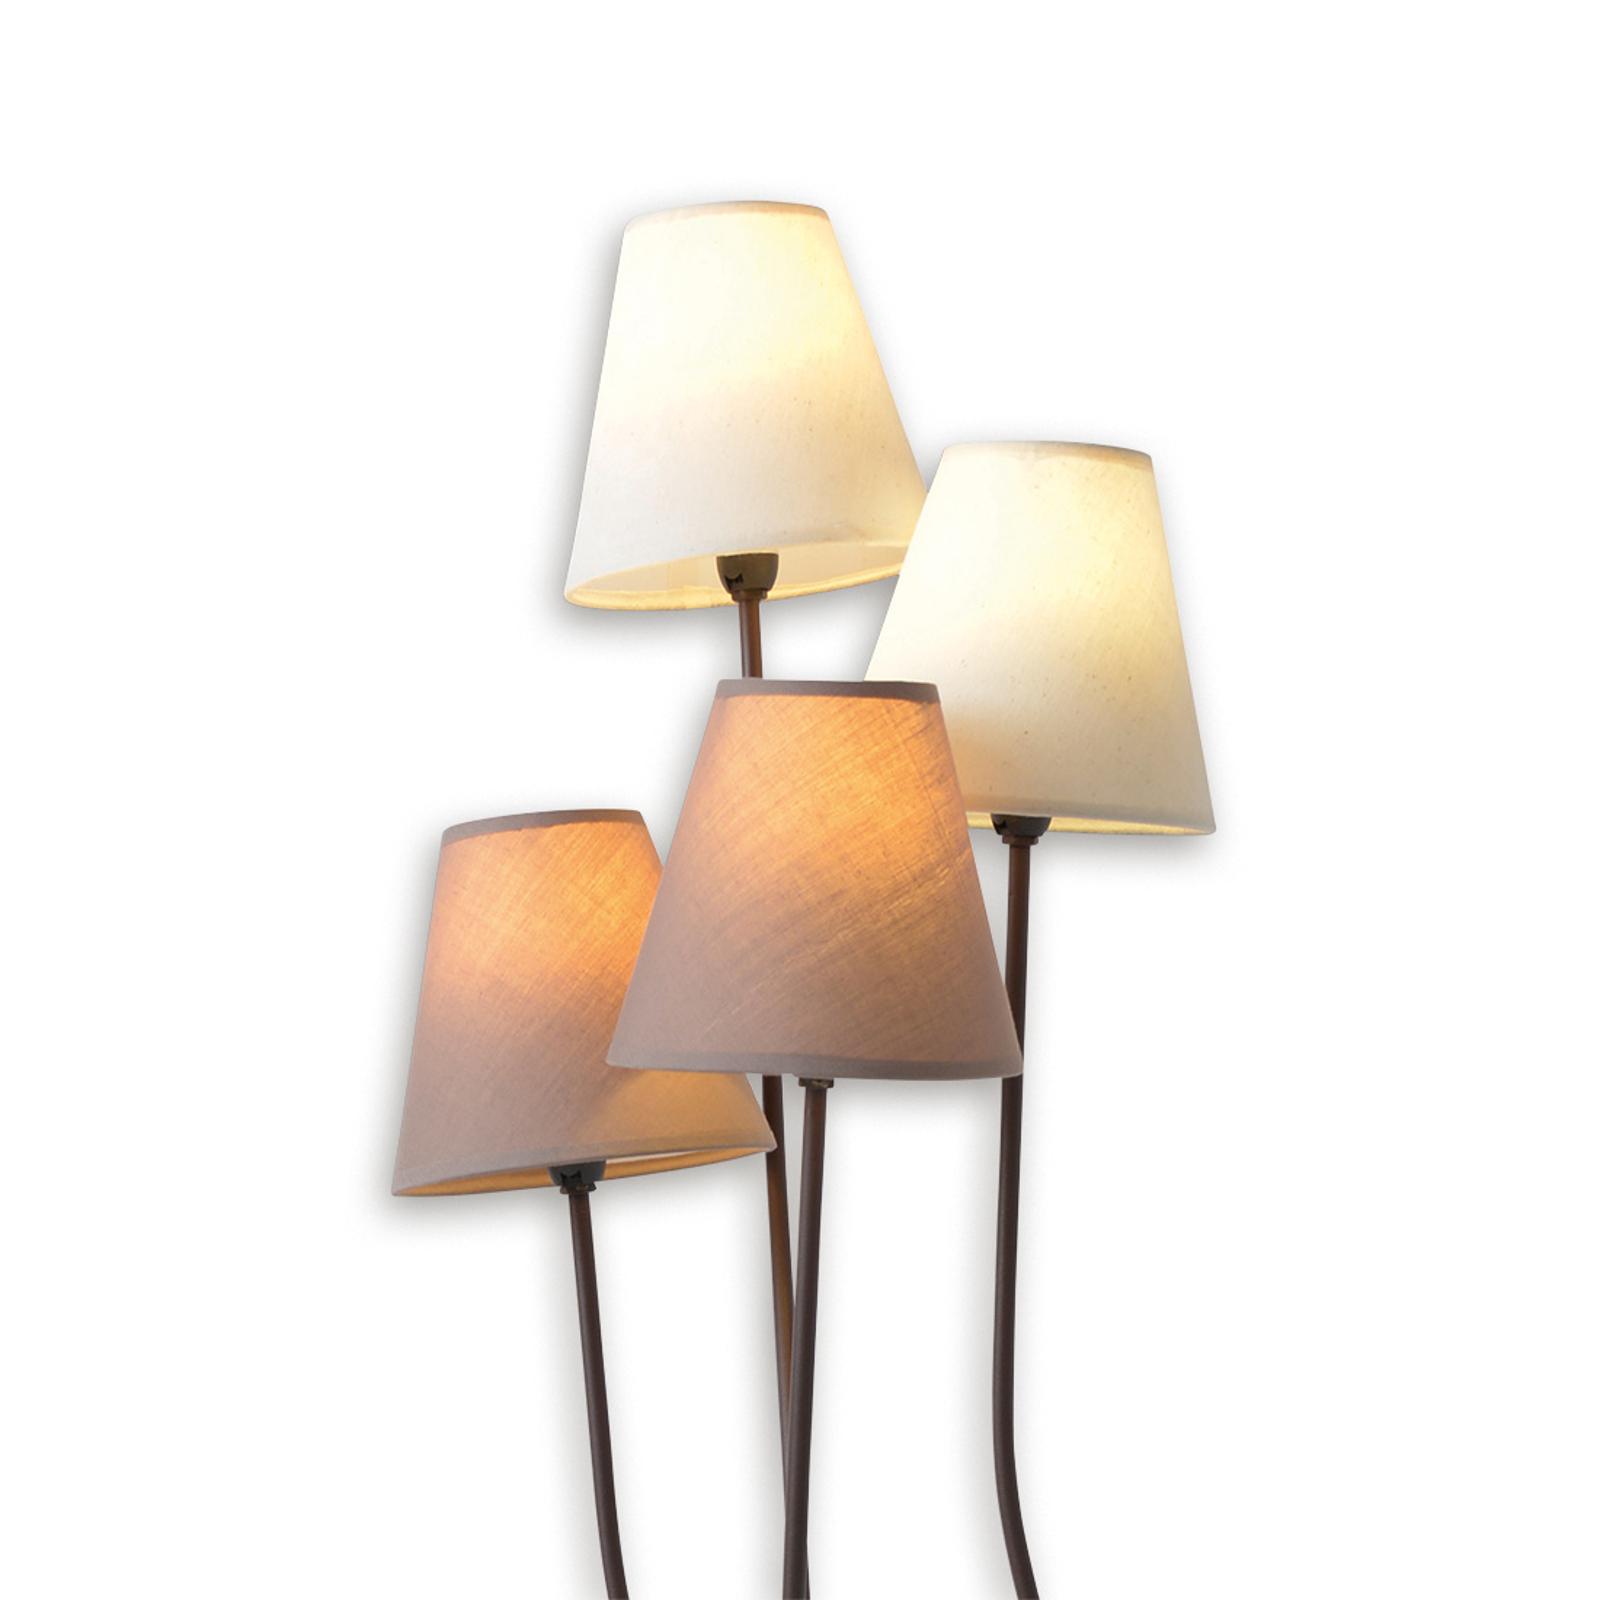 Acquista Twiddle - lampada da terra con 4 diffusori